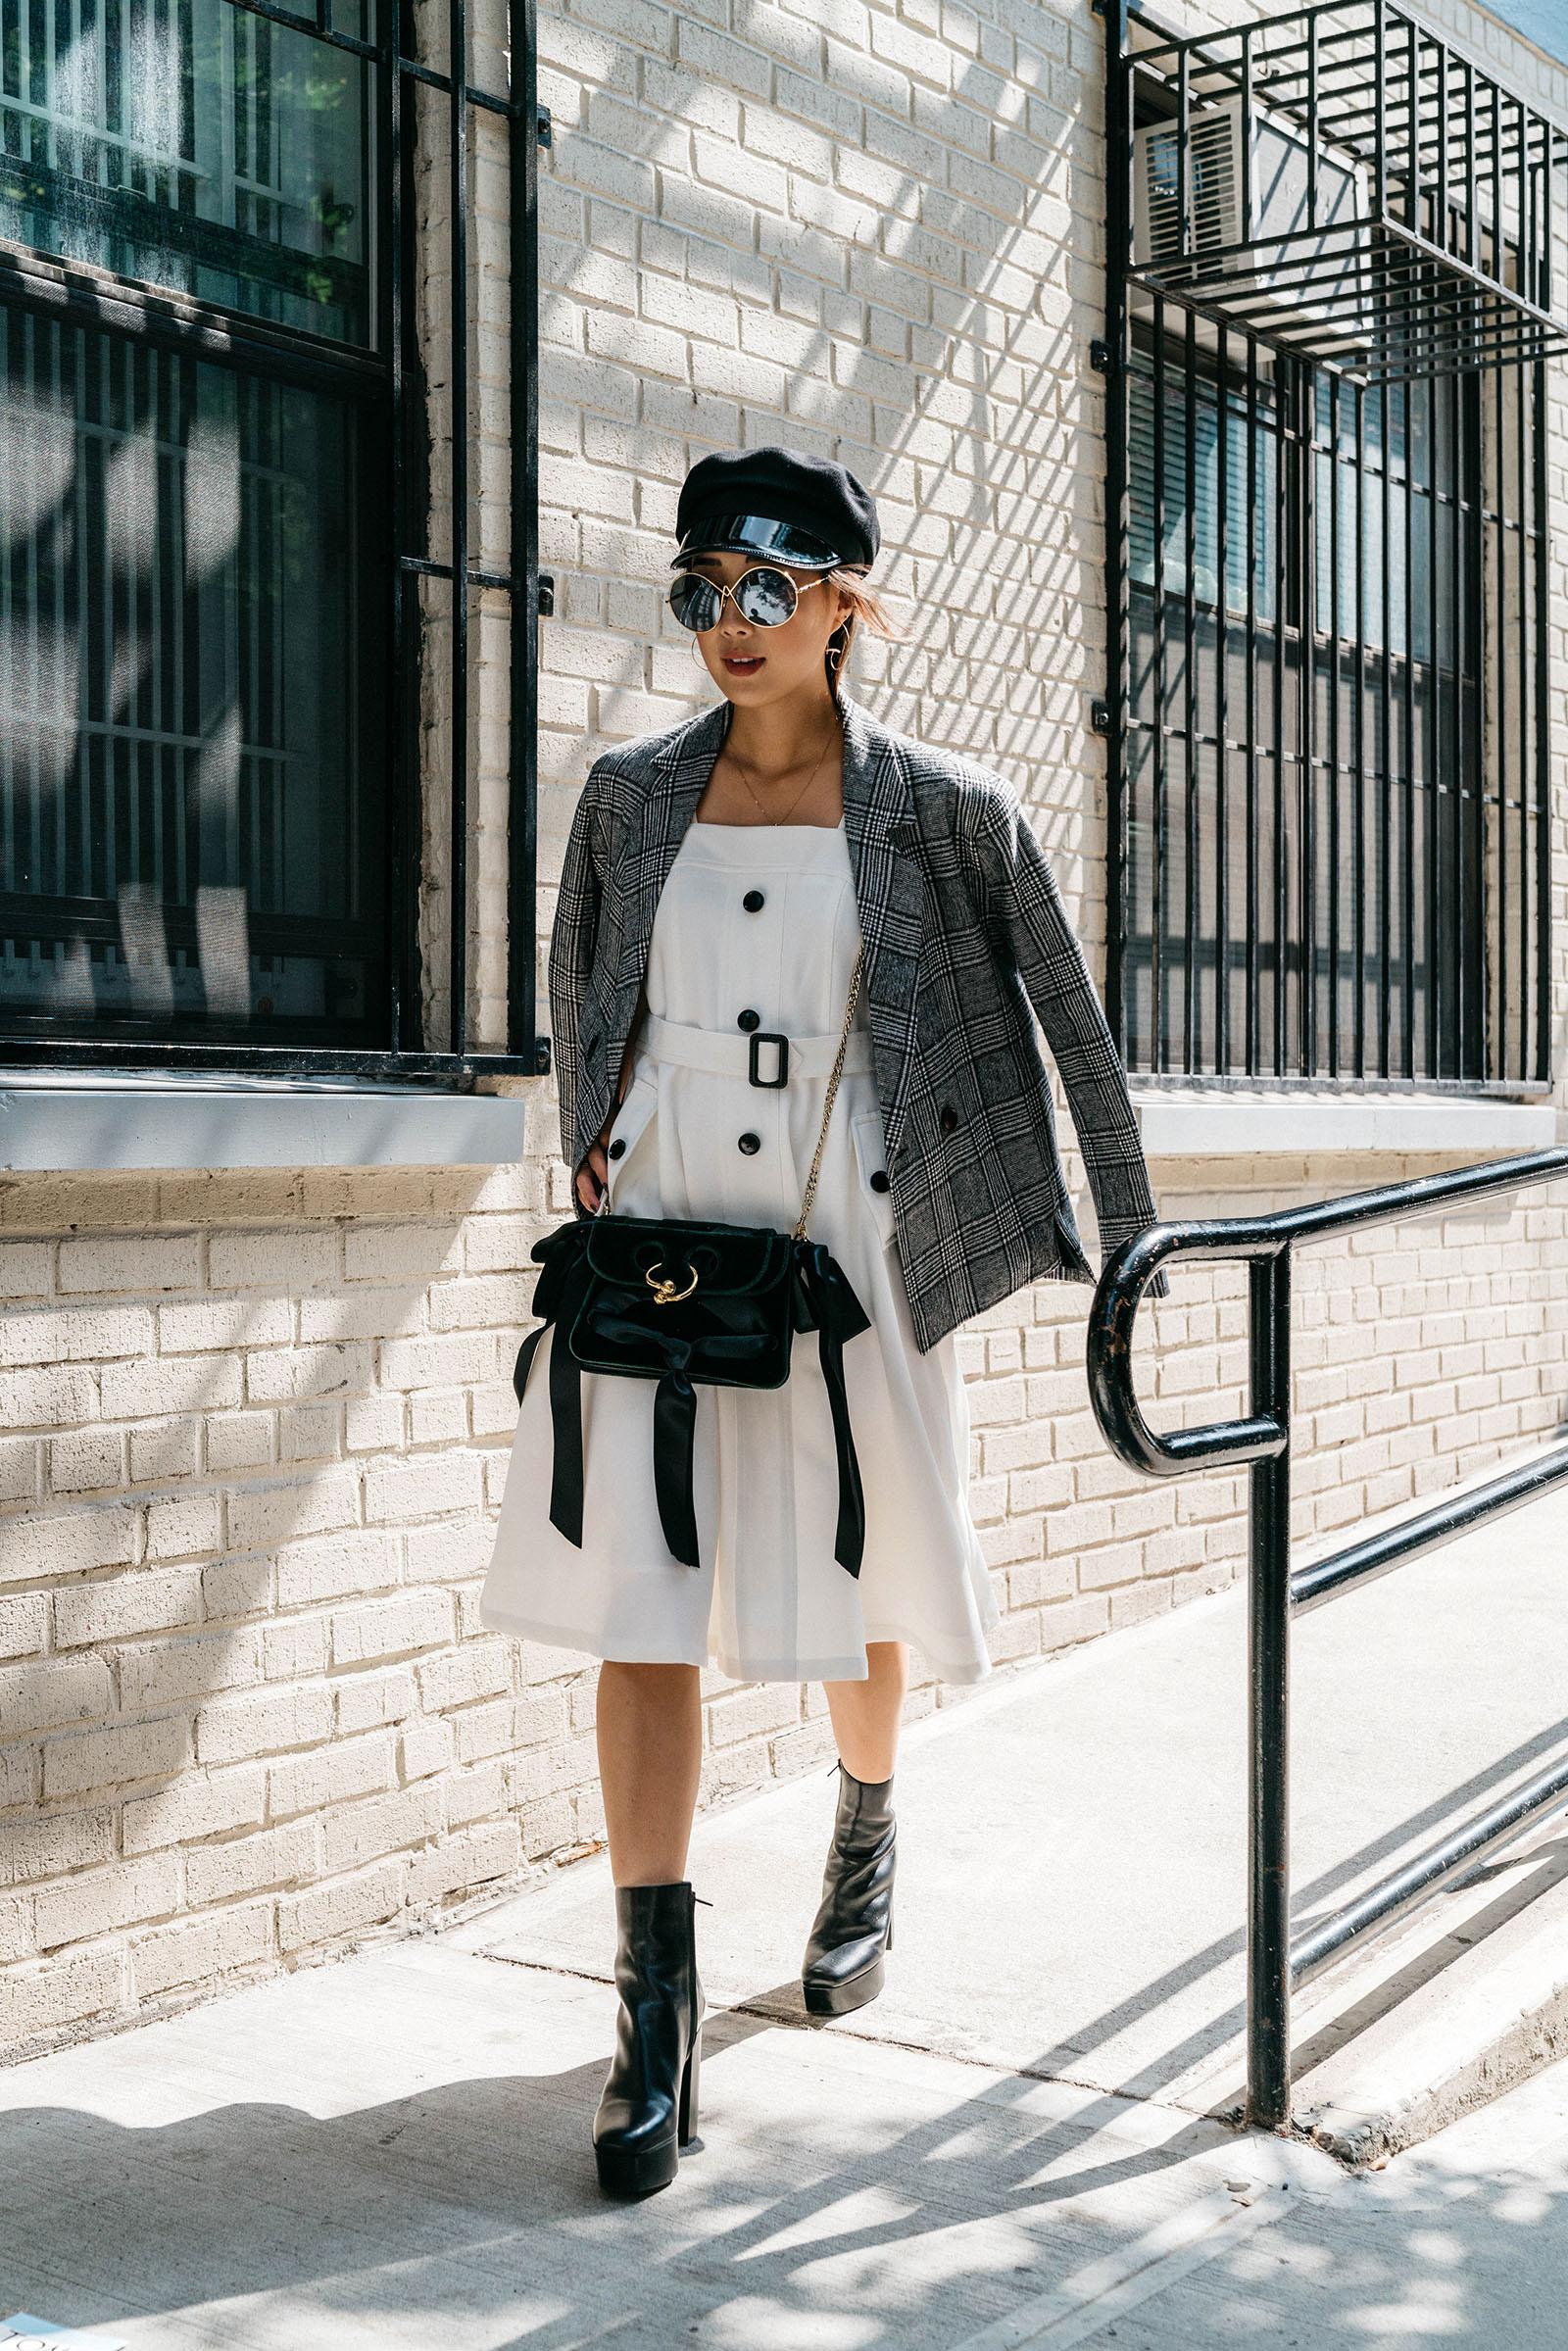 Petite Studio Jacket  and  Dress ,  J.W. Anderson Bag , Alexander Wang Boots,  Altuzarra Sunglasses